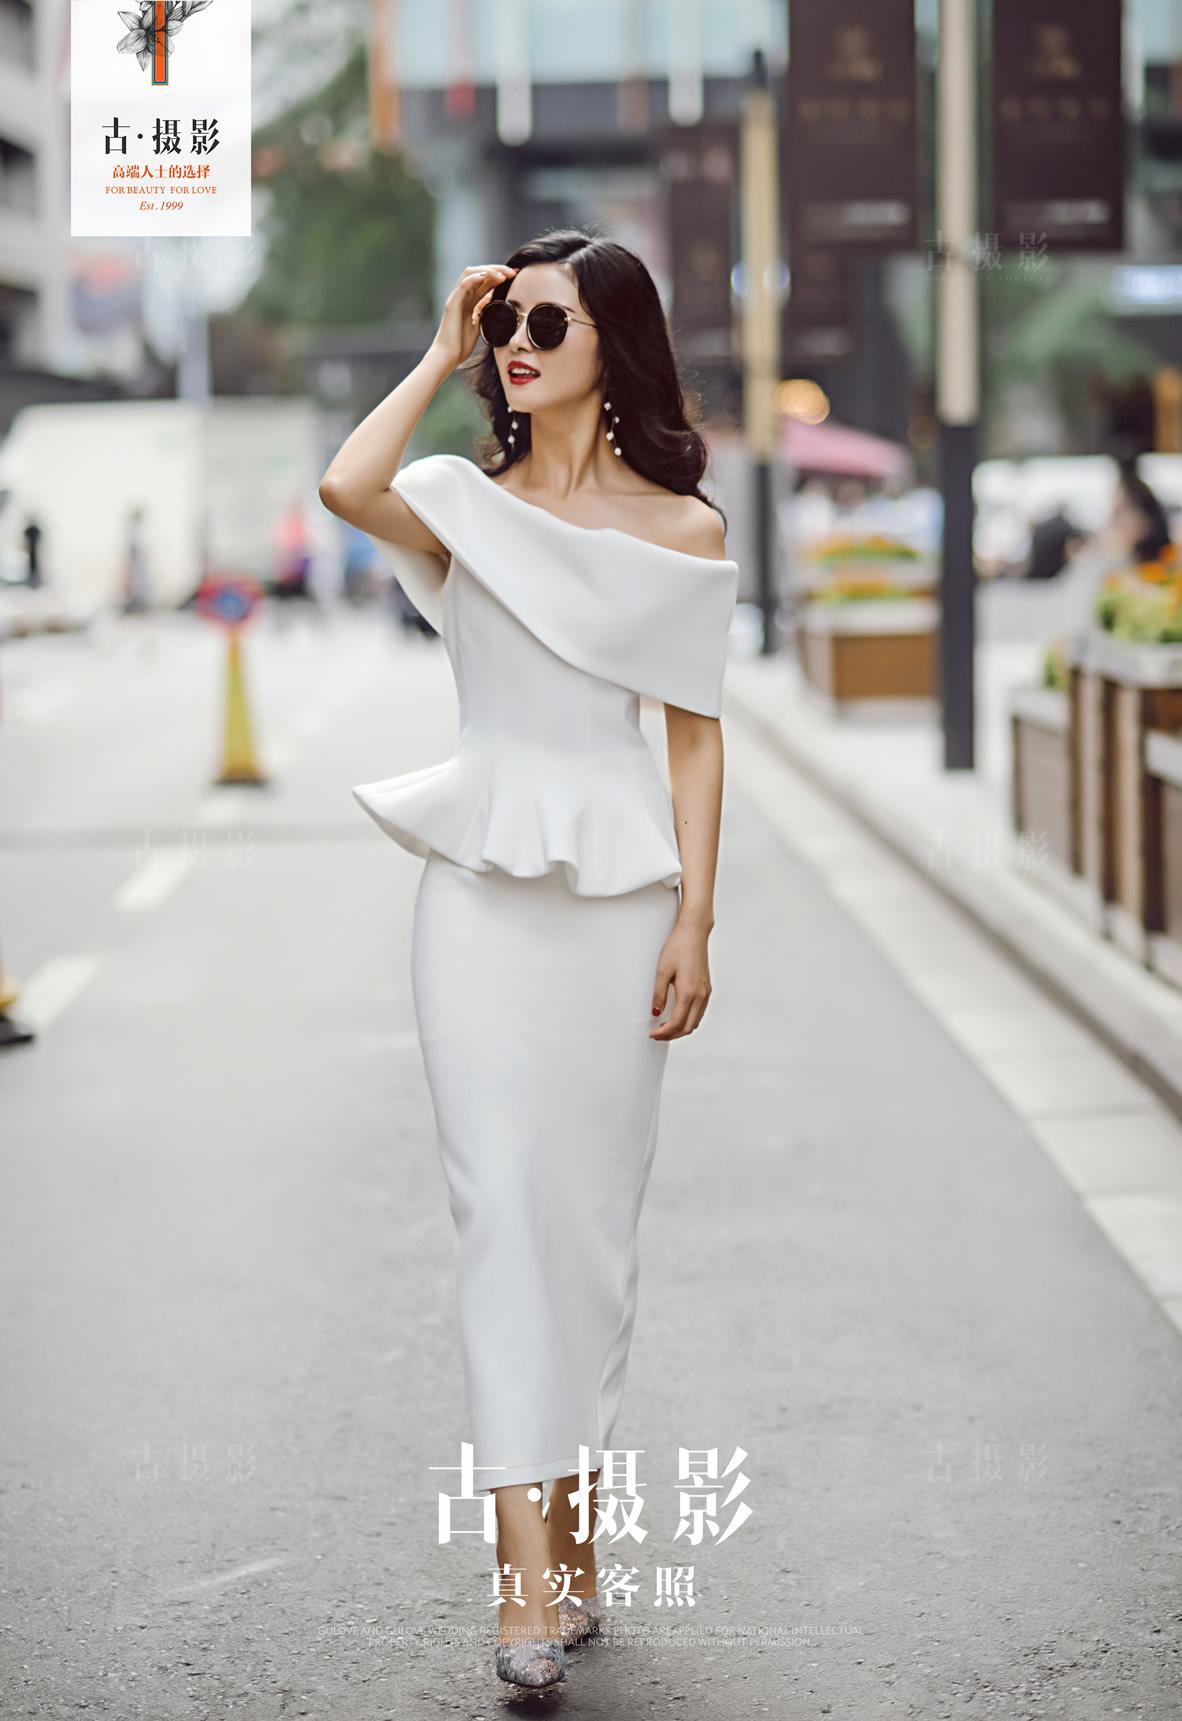 9月27日客片吴先生 陈小姐 - 每日客照 - 古摄影婚纱艺术-古摄影成都婚纱摄影艺术摄影网